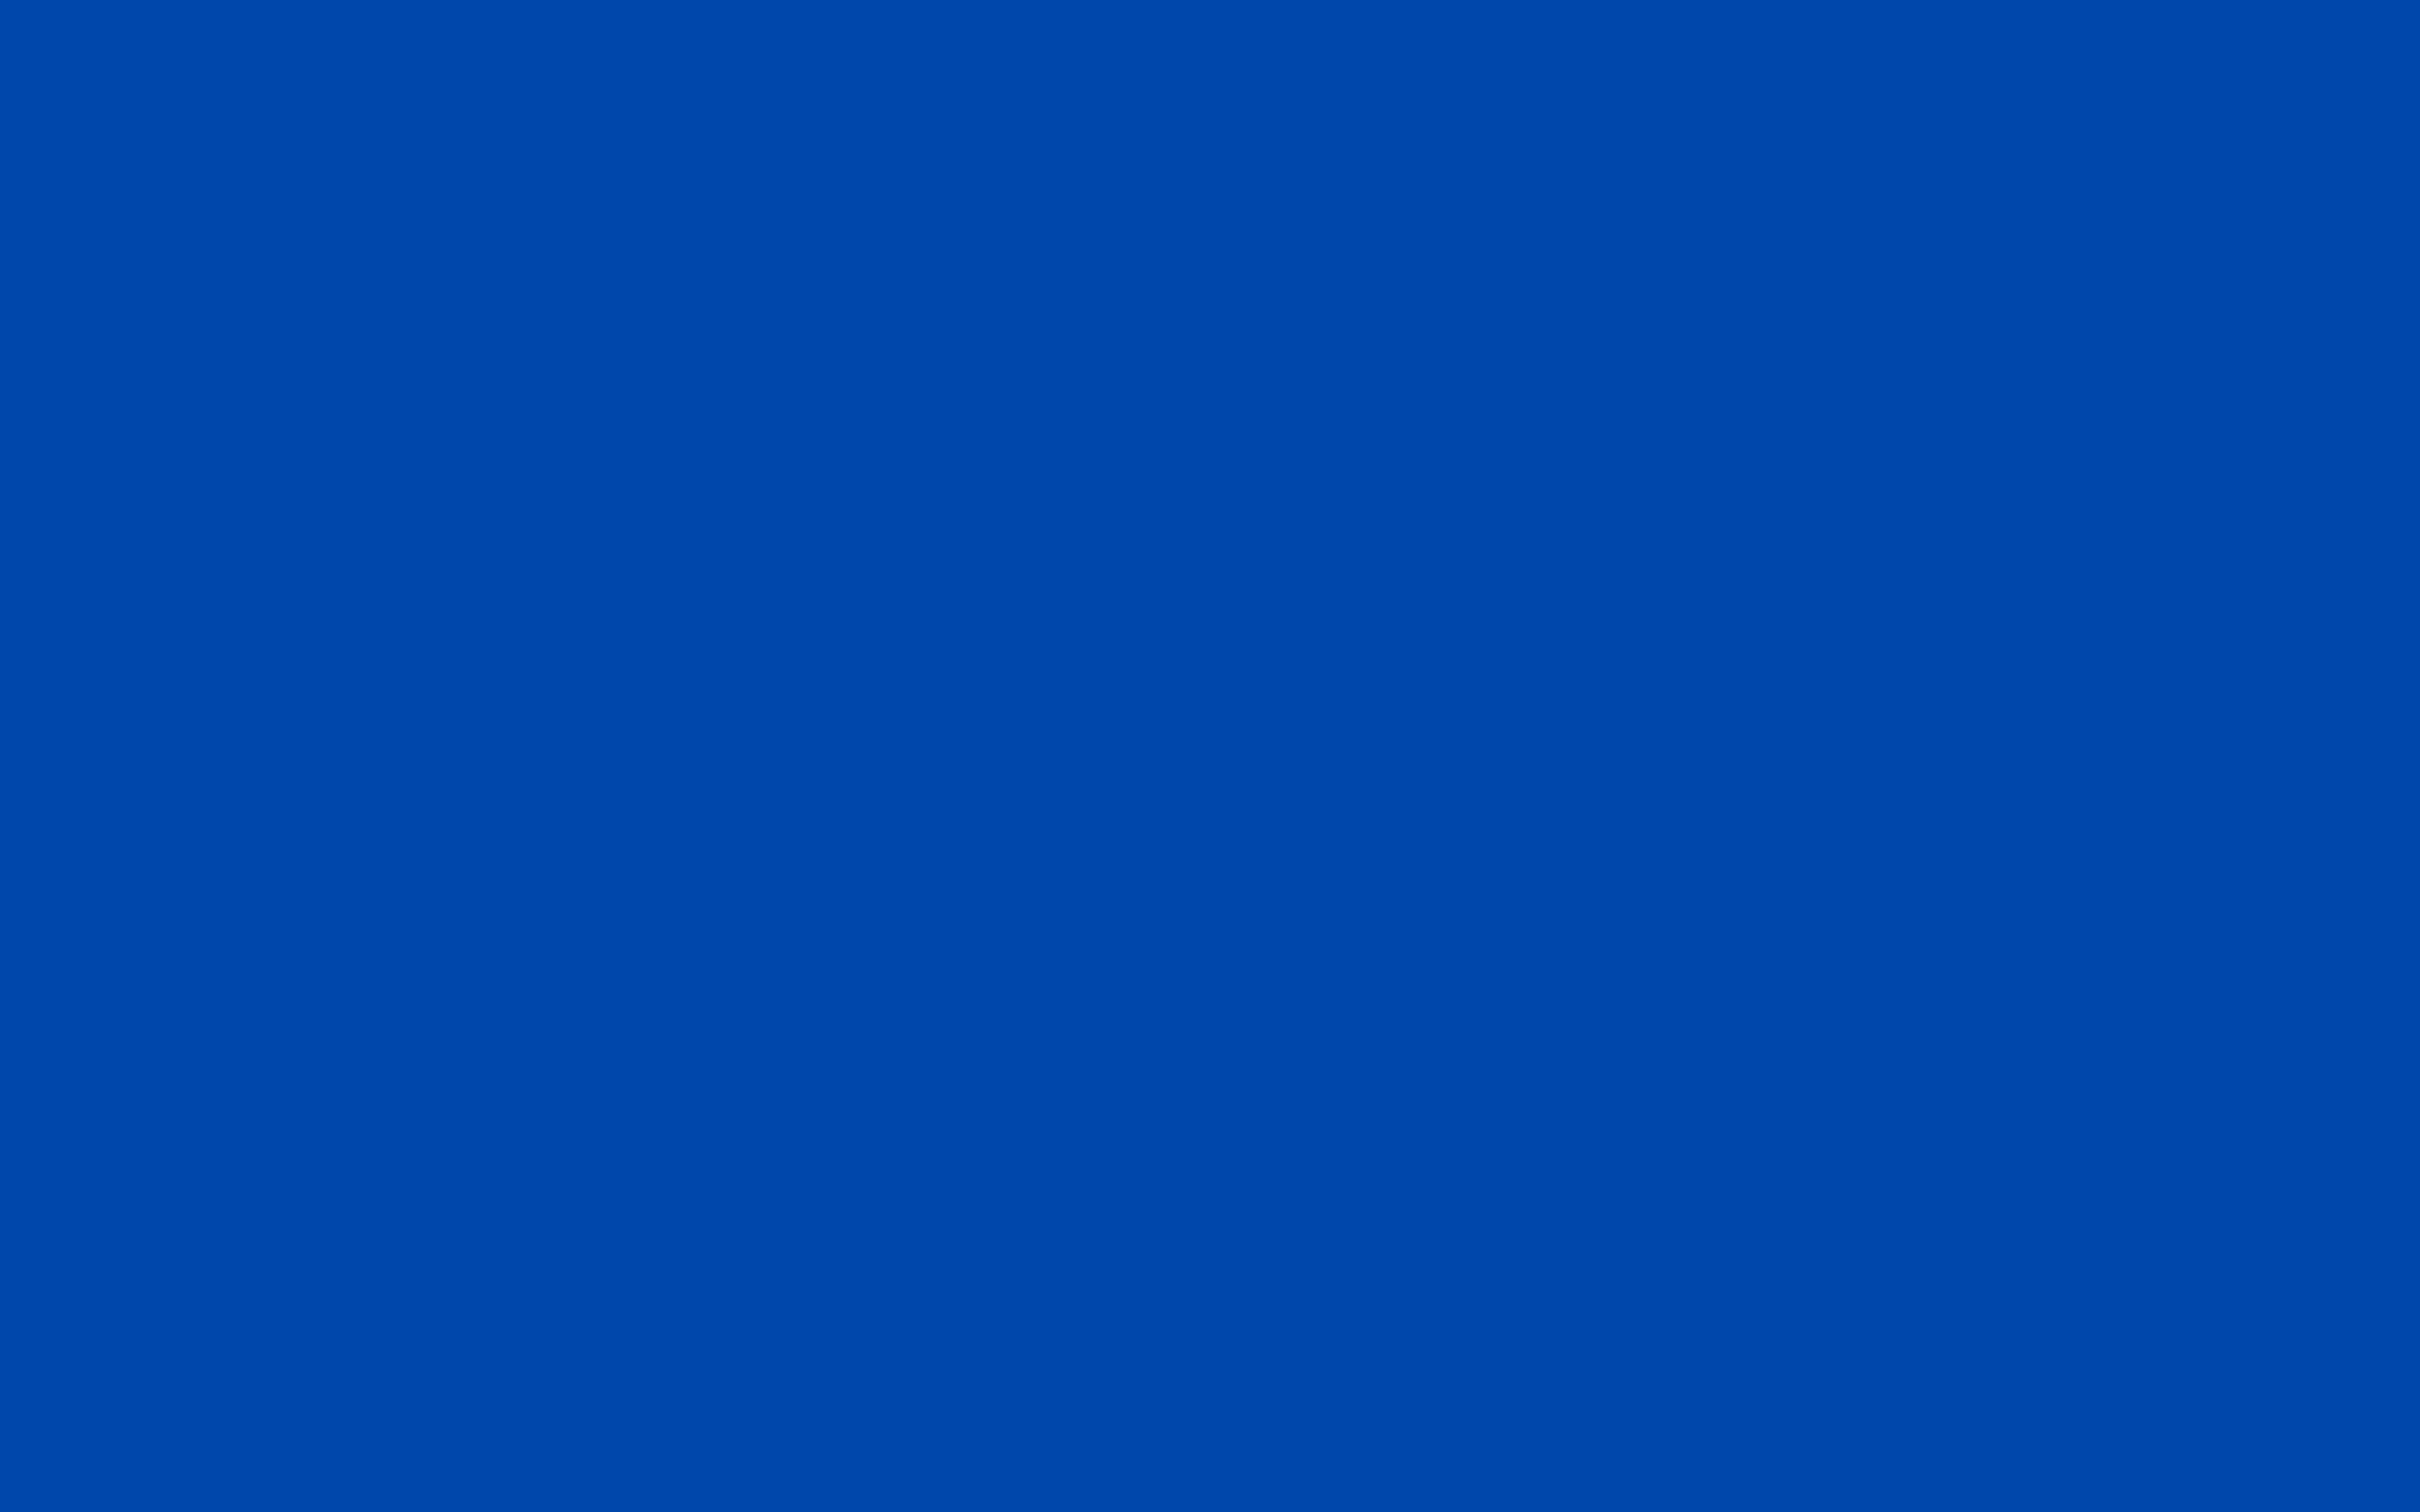 2560x1600 Cobalt Solid Color Background